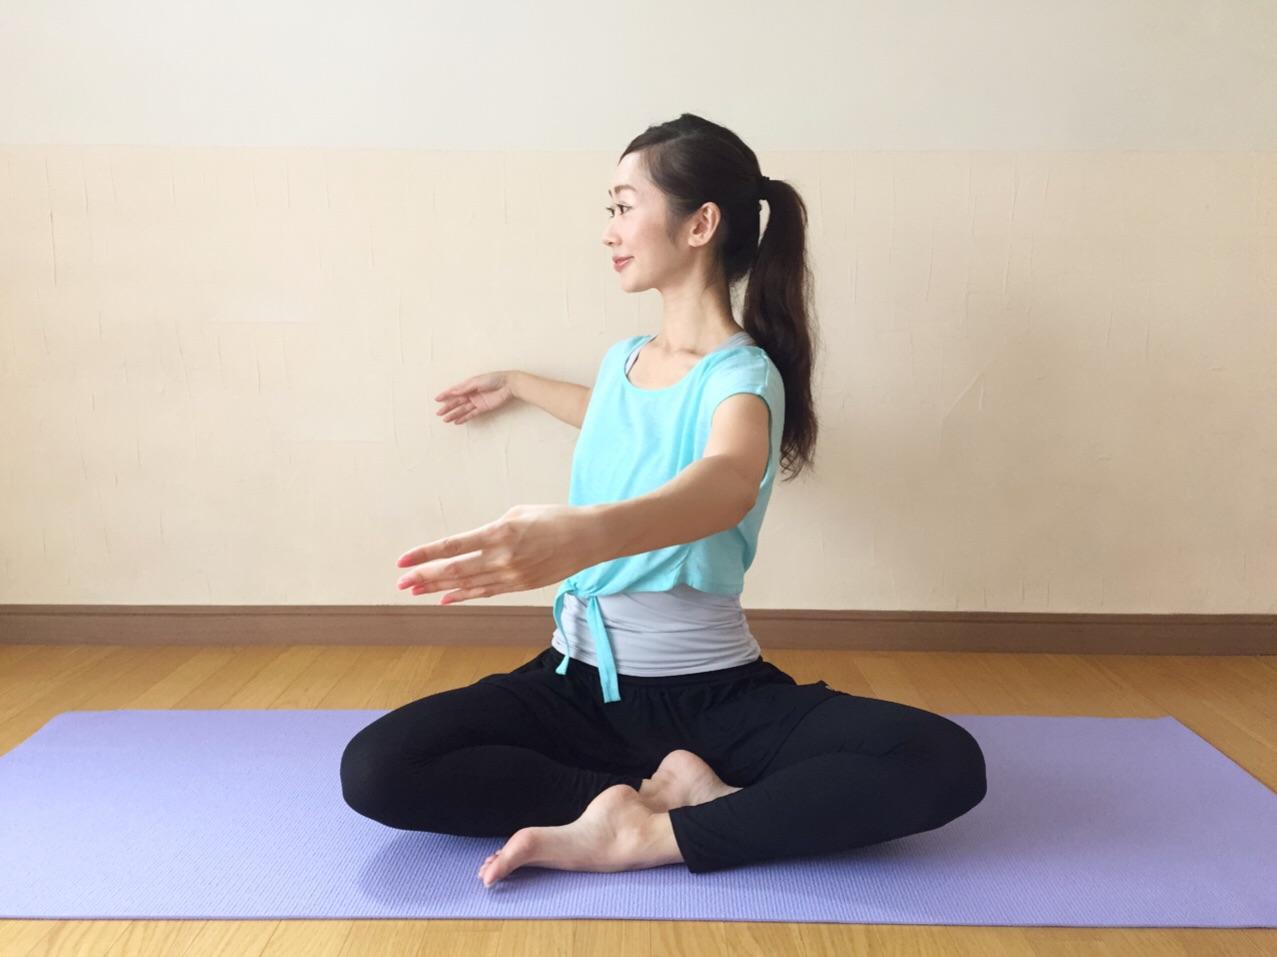 Йога терапия курсы Киев